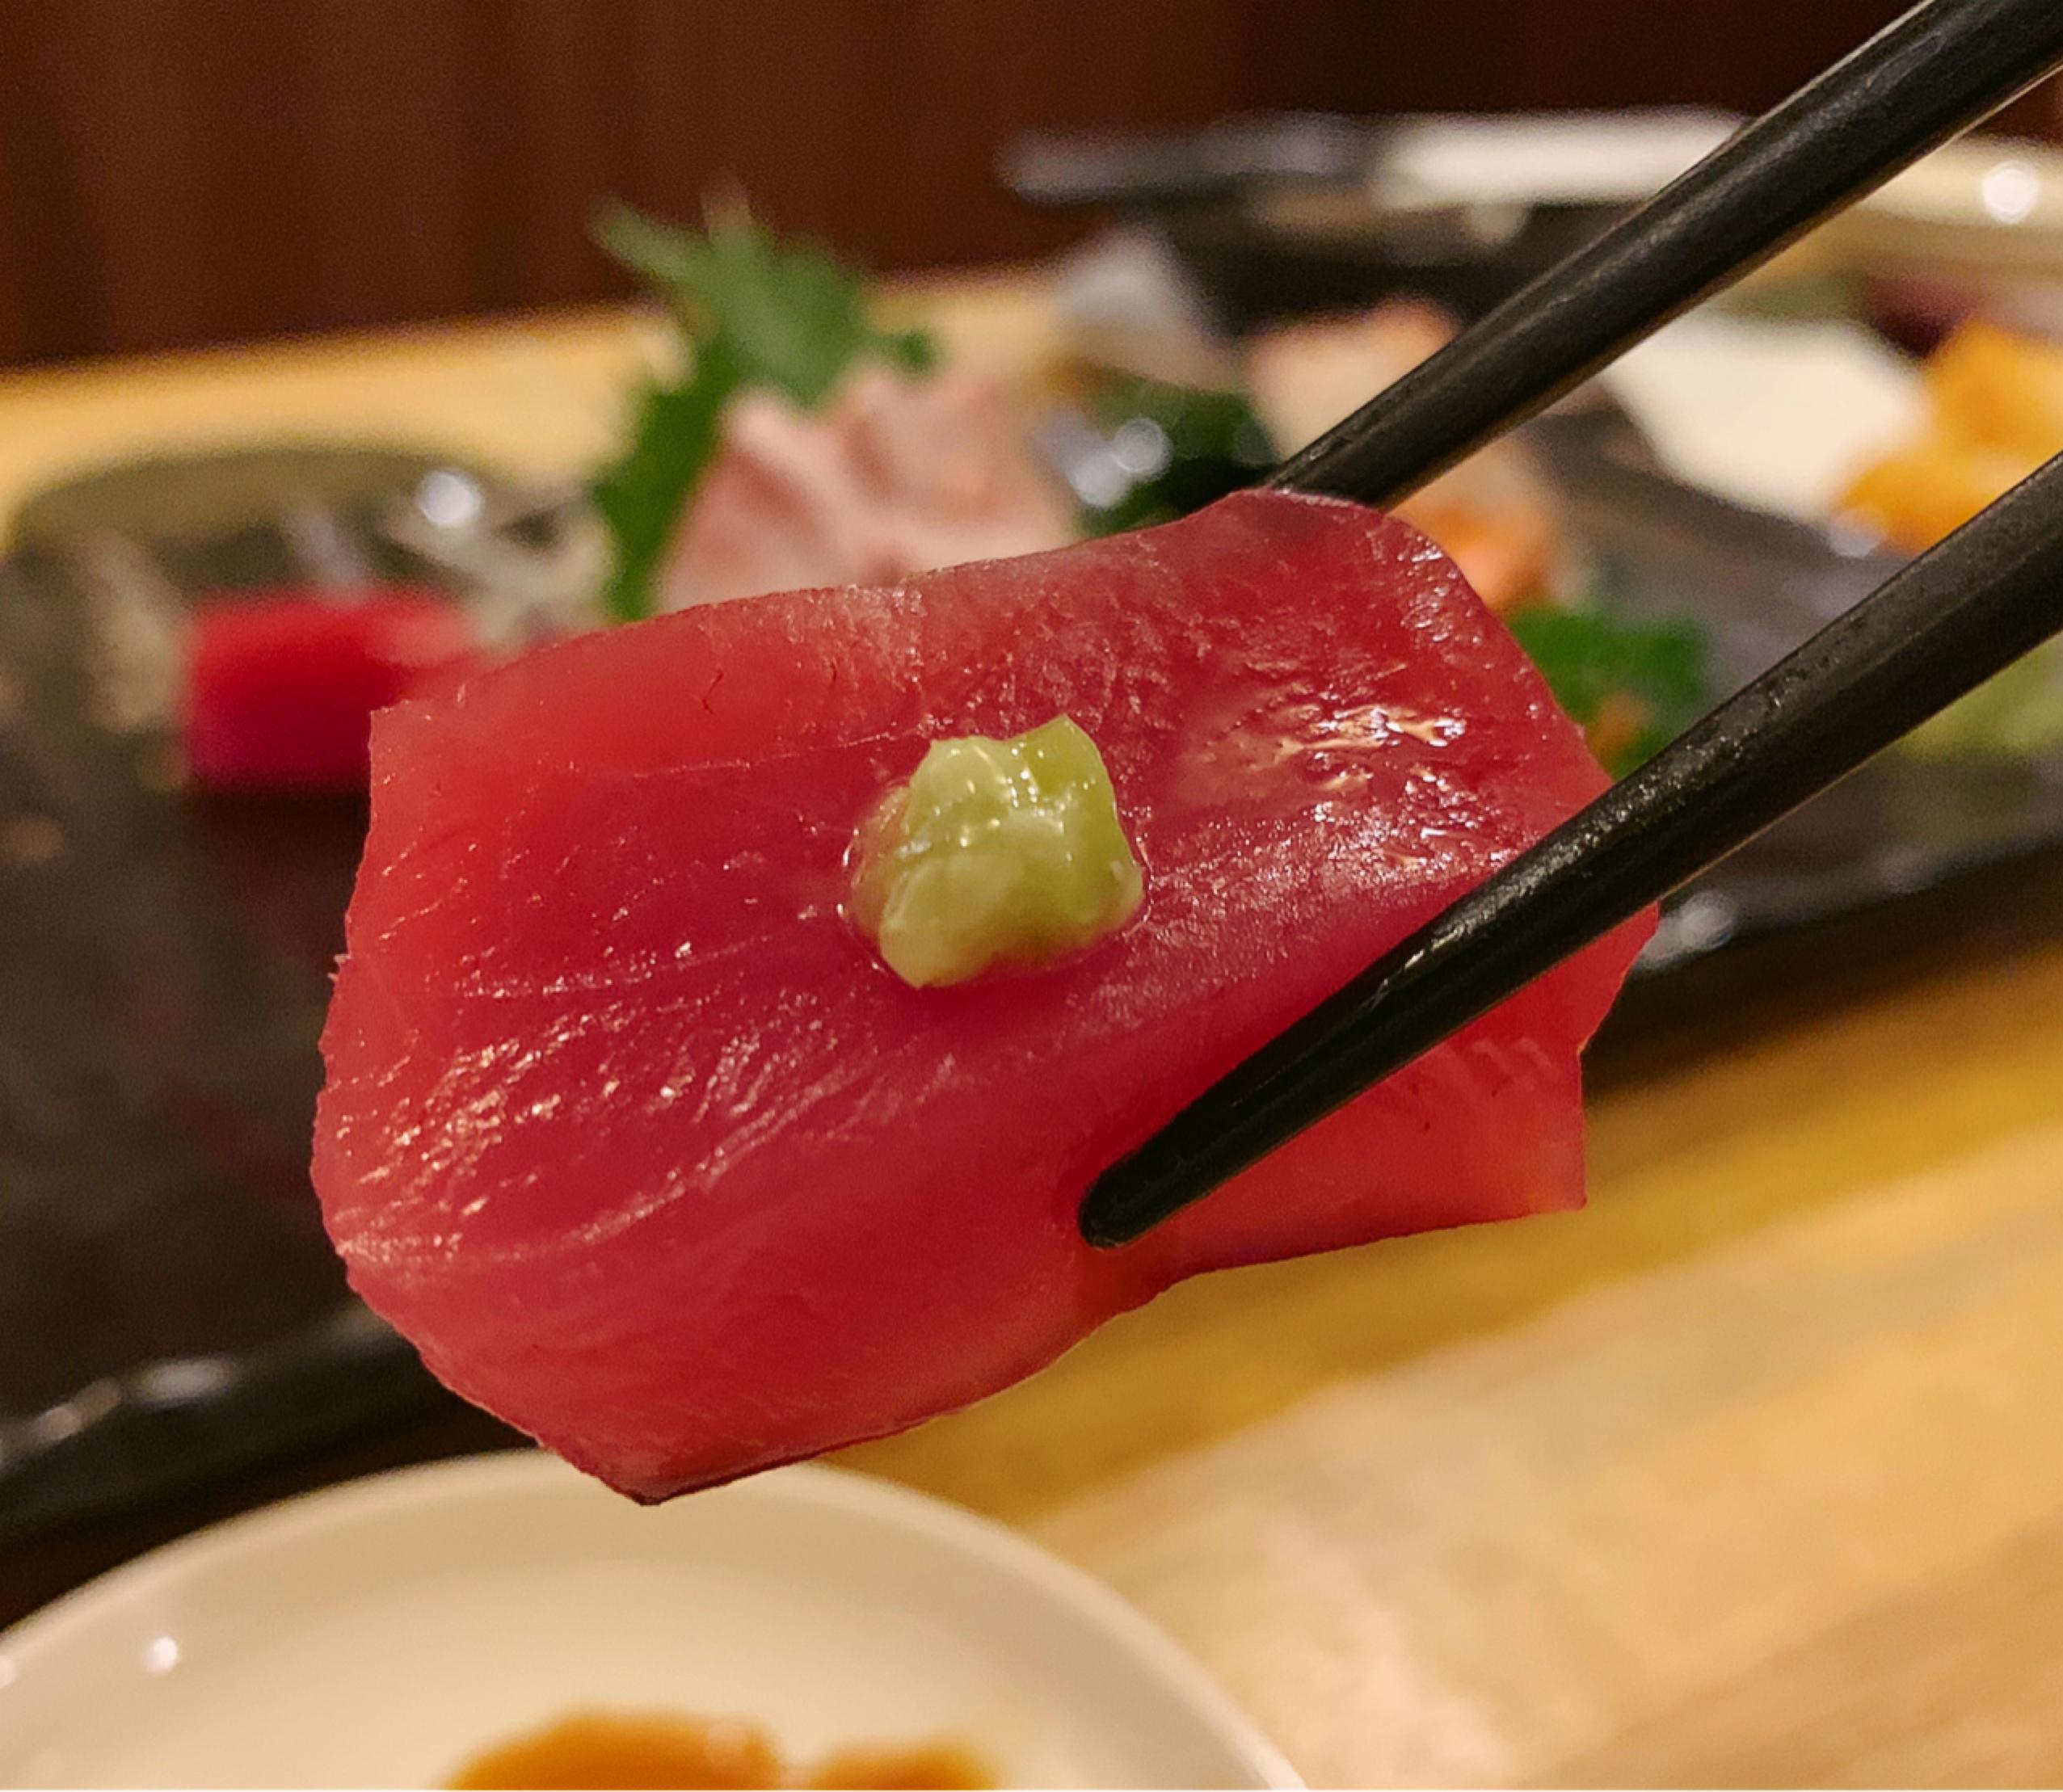 北海道直送と地元食材✨ 北と南、両方の味が堪能できる✨南北酒肴 和ごころ 石垣店